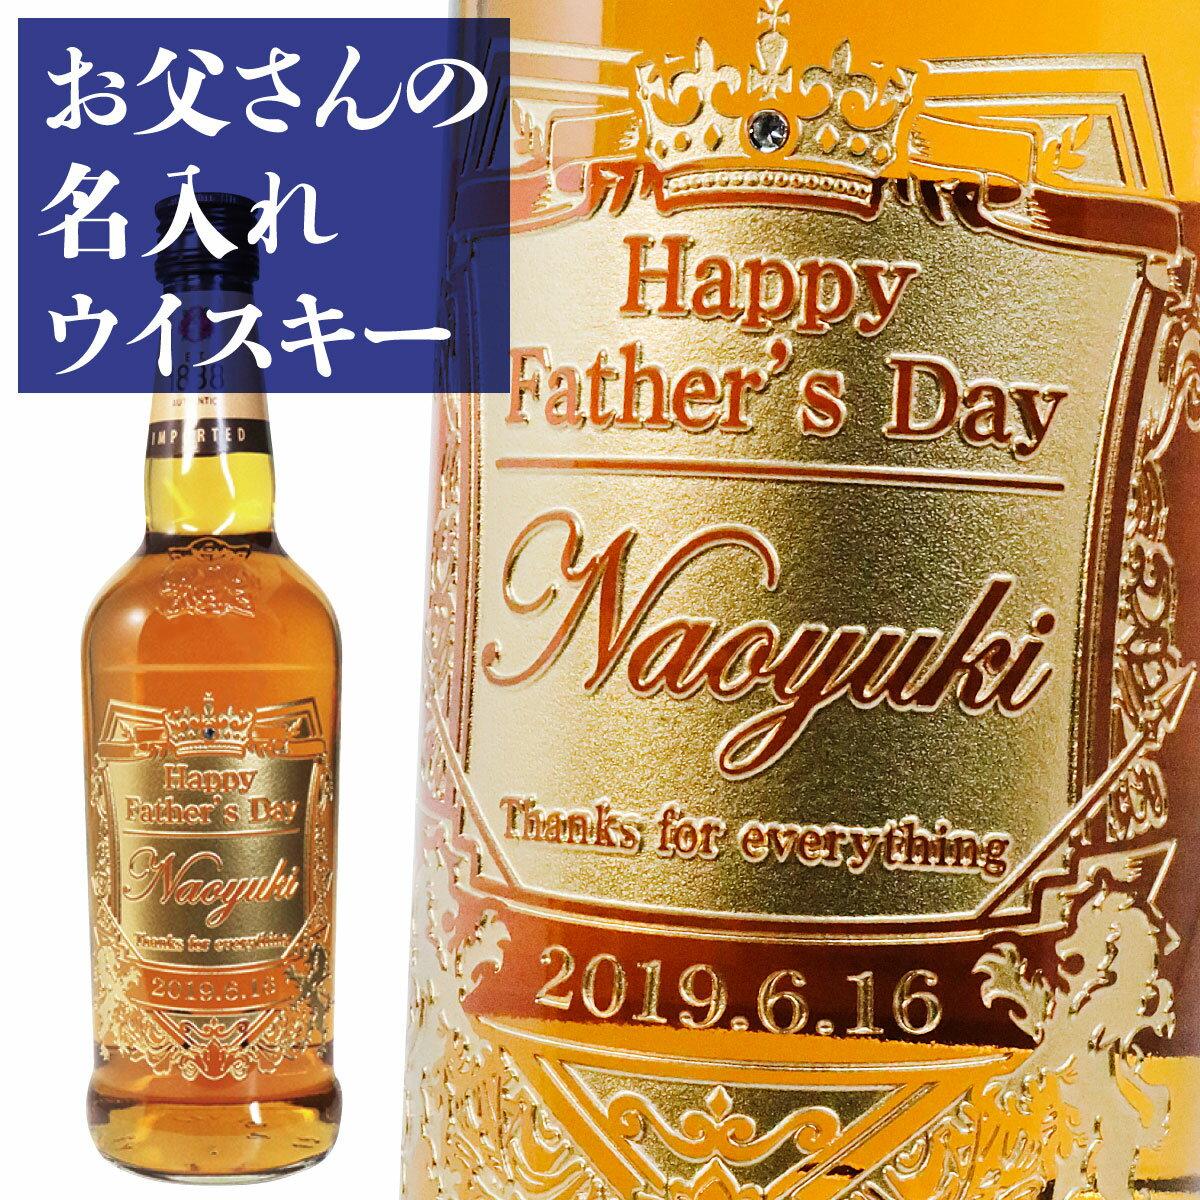 父の日名入れウイスキーフォア・ローゼズイエロー700ml|ギフトお酒バーボン名前名前入り父プレゼント